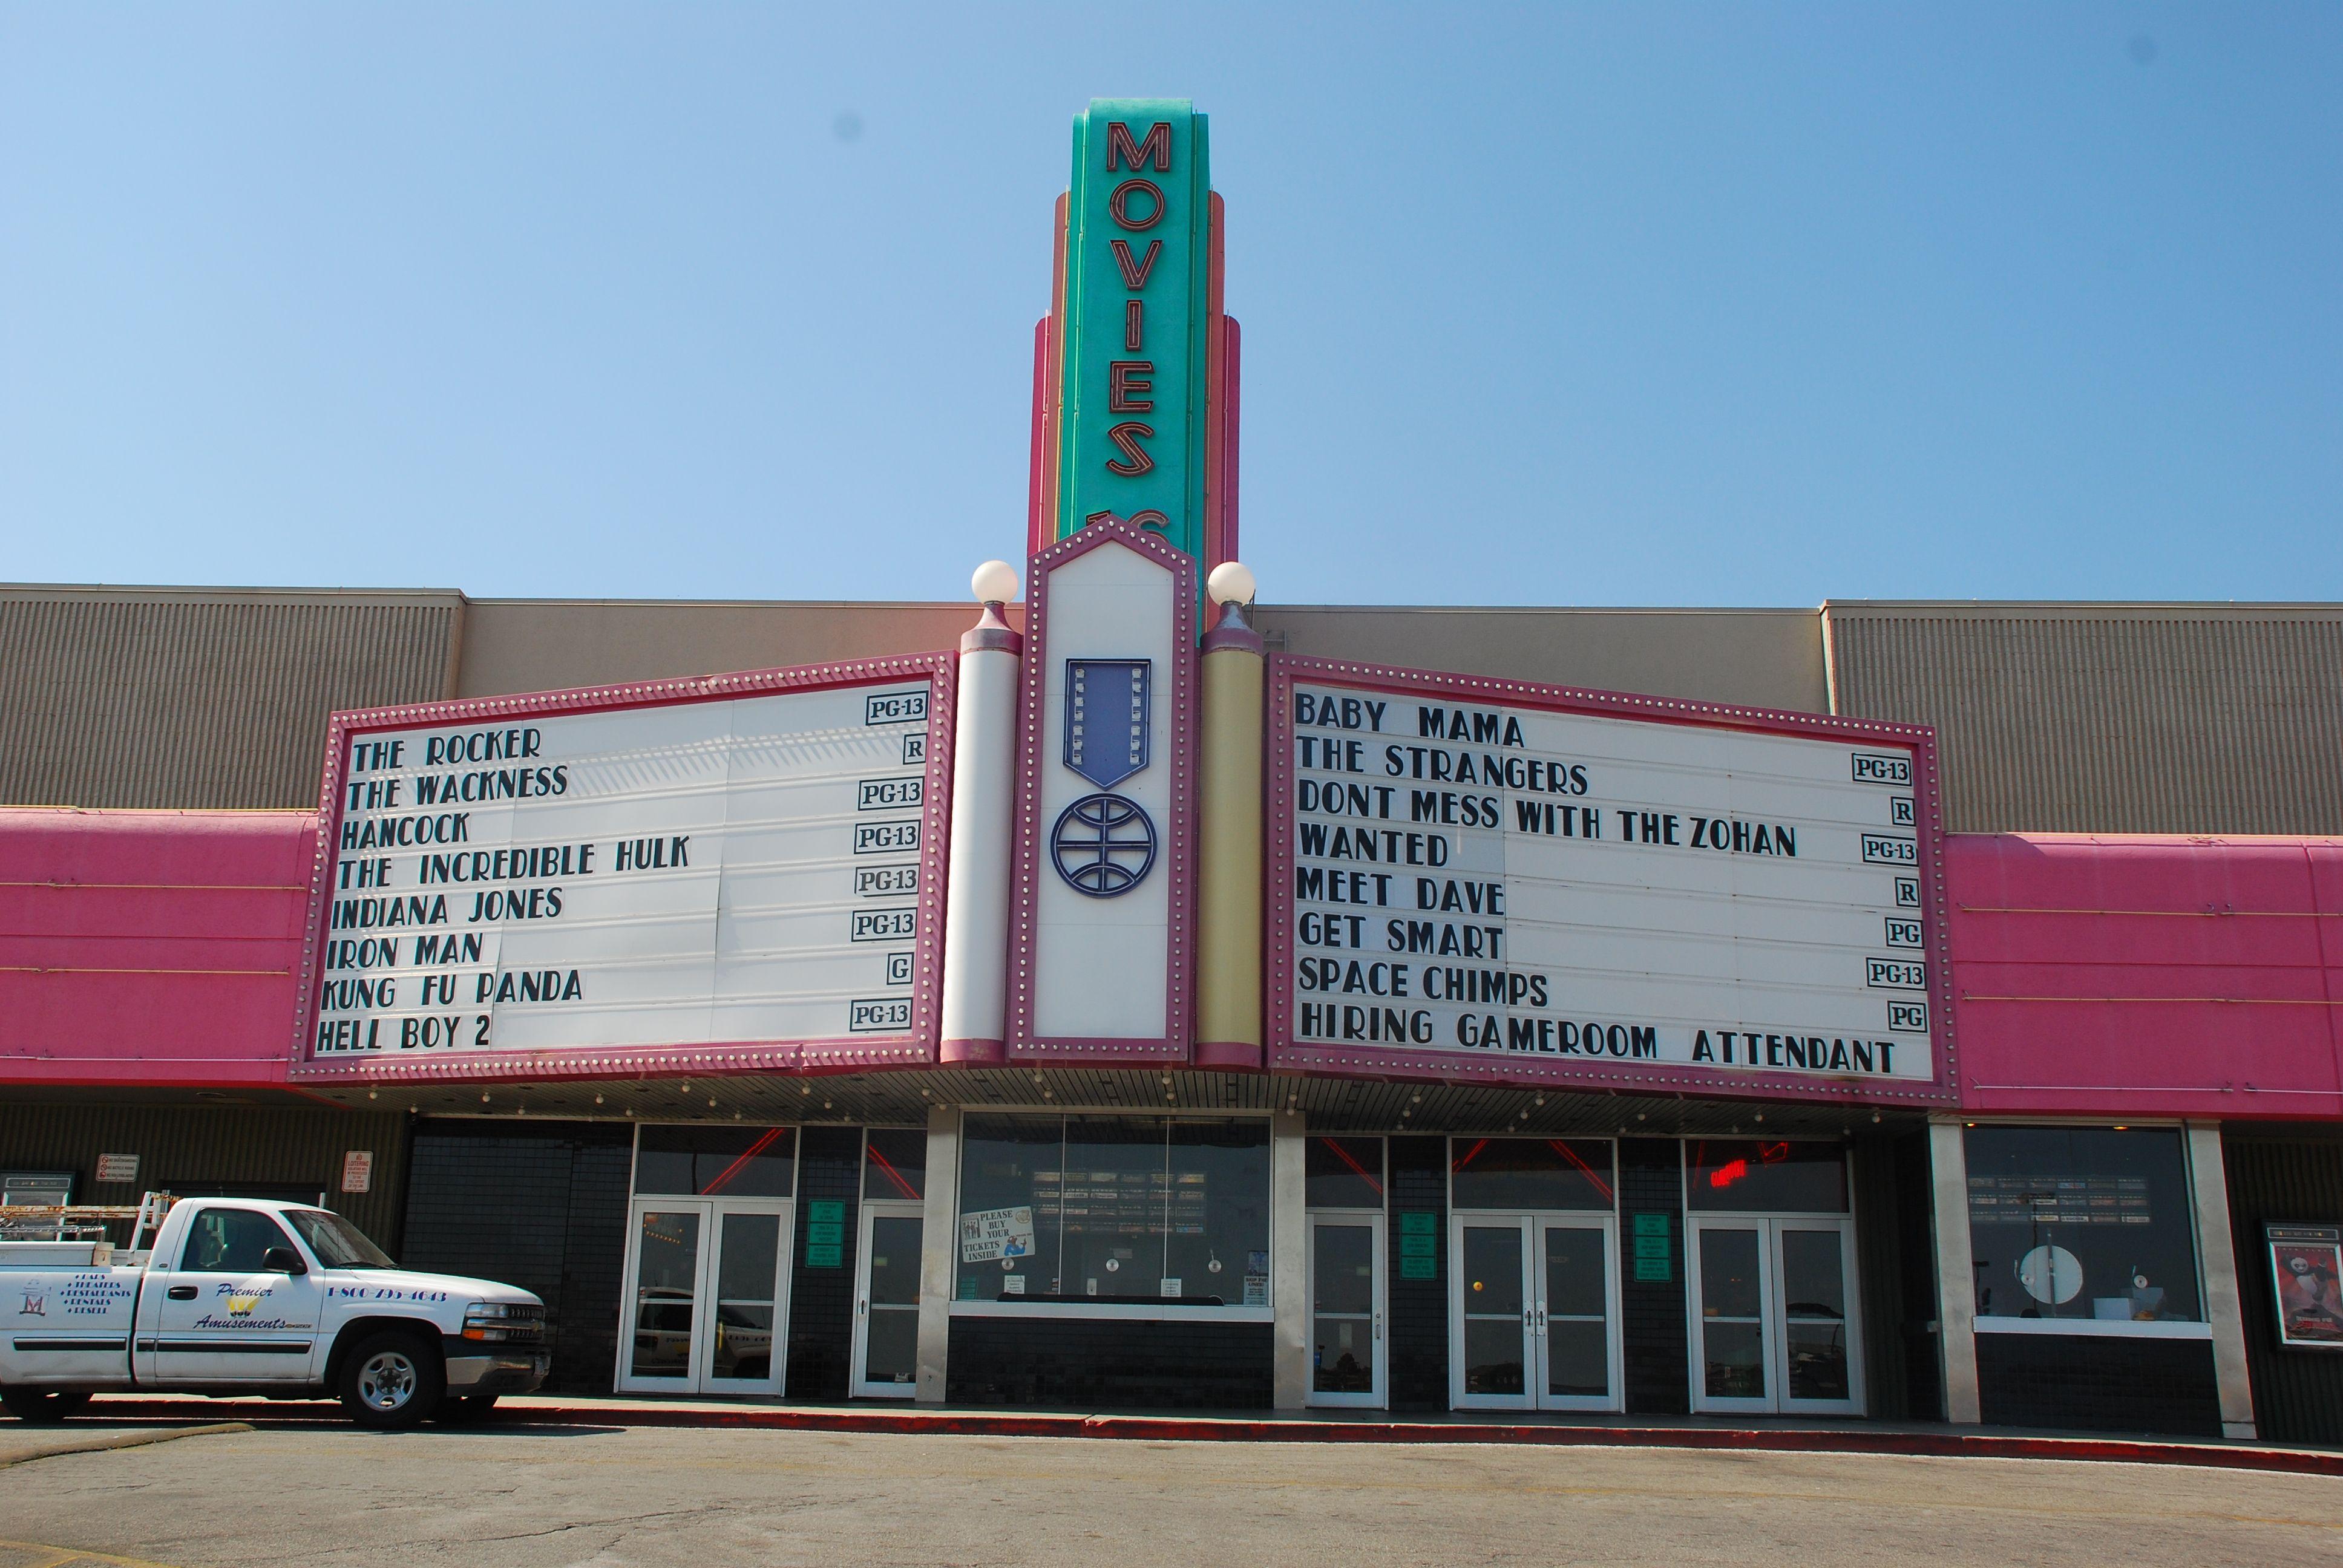 Cinemark Movies 16 Theatres San Antonio Tx Photo By Gerald Lyda